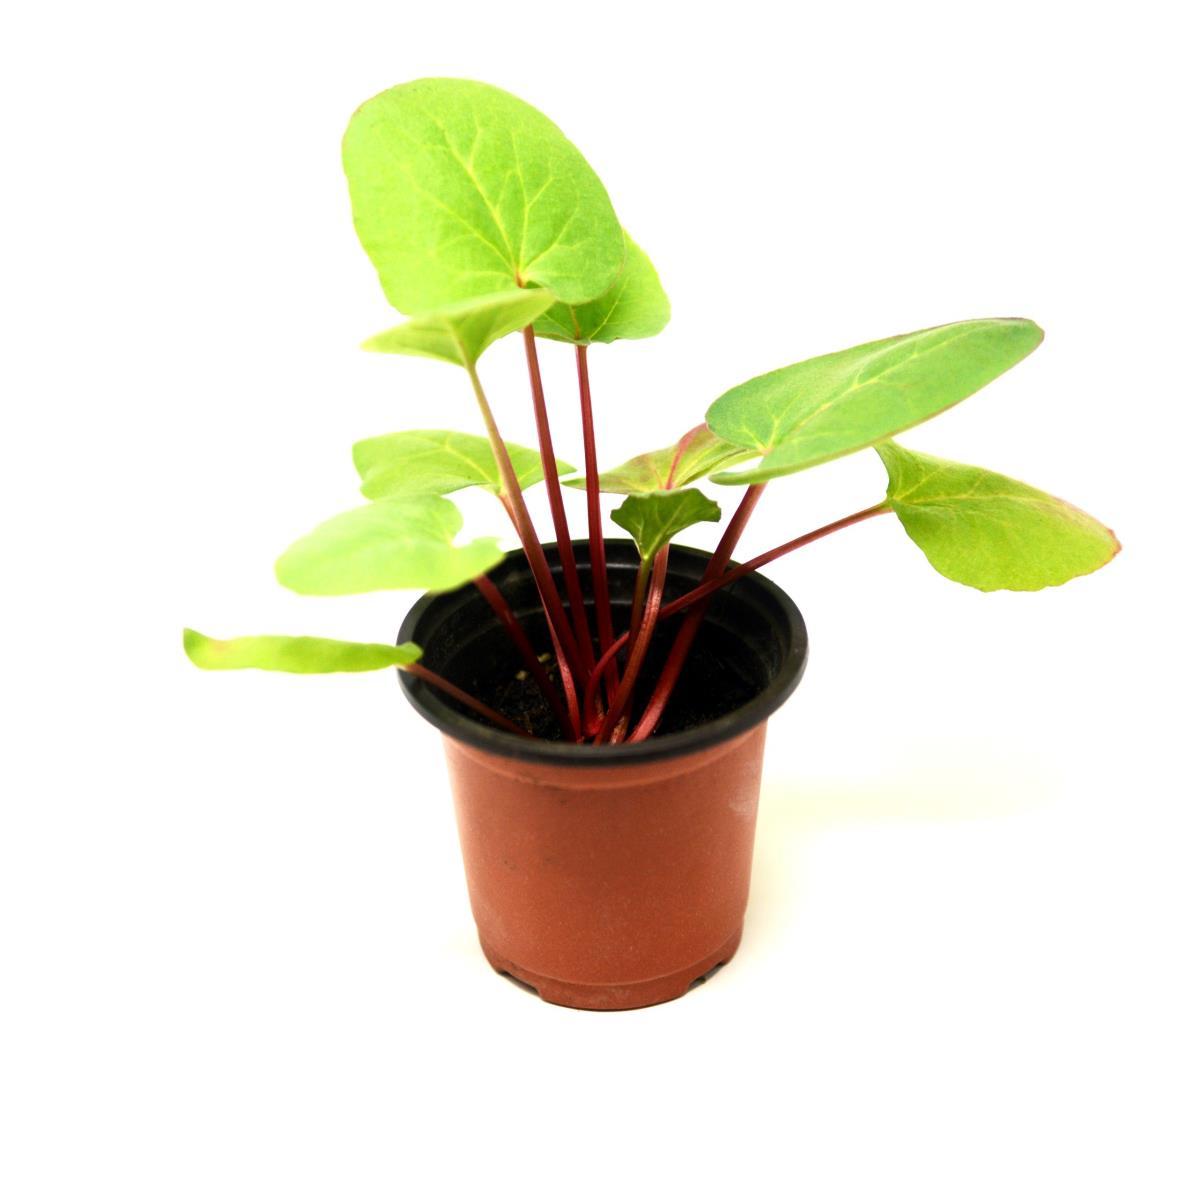 Rhubarb - Live Plant